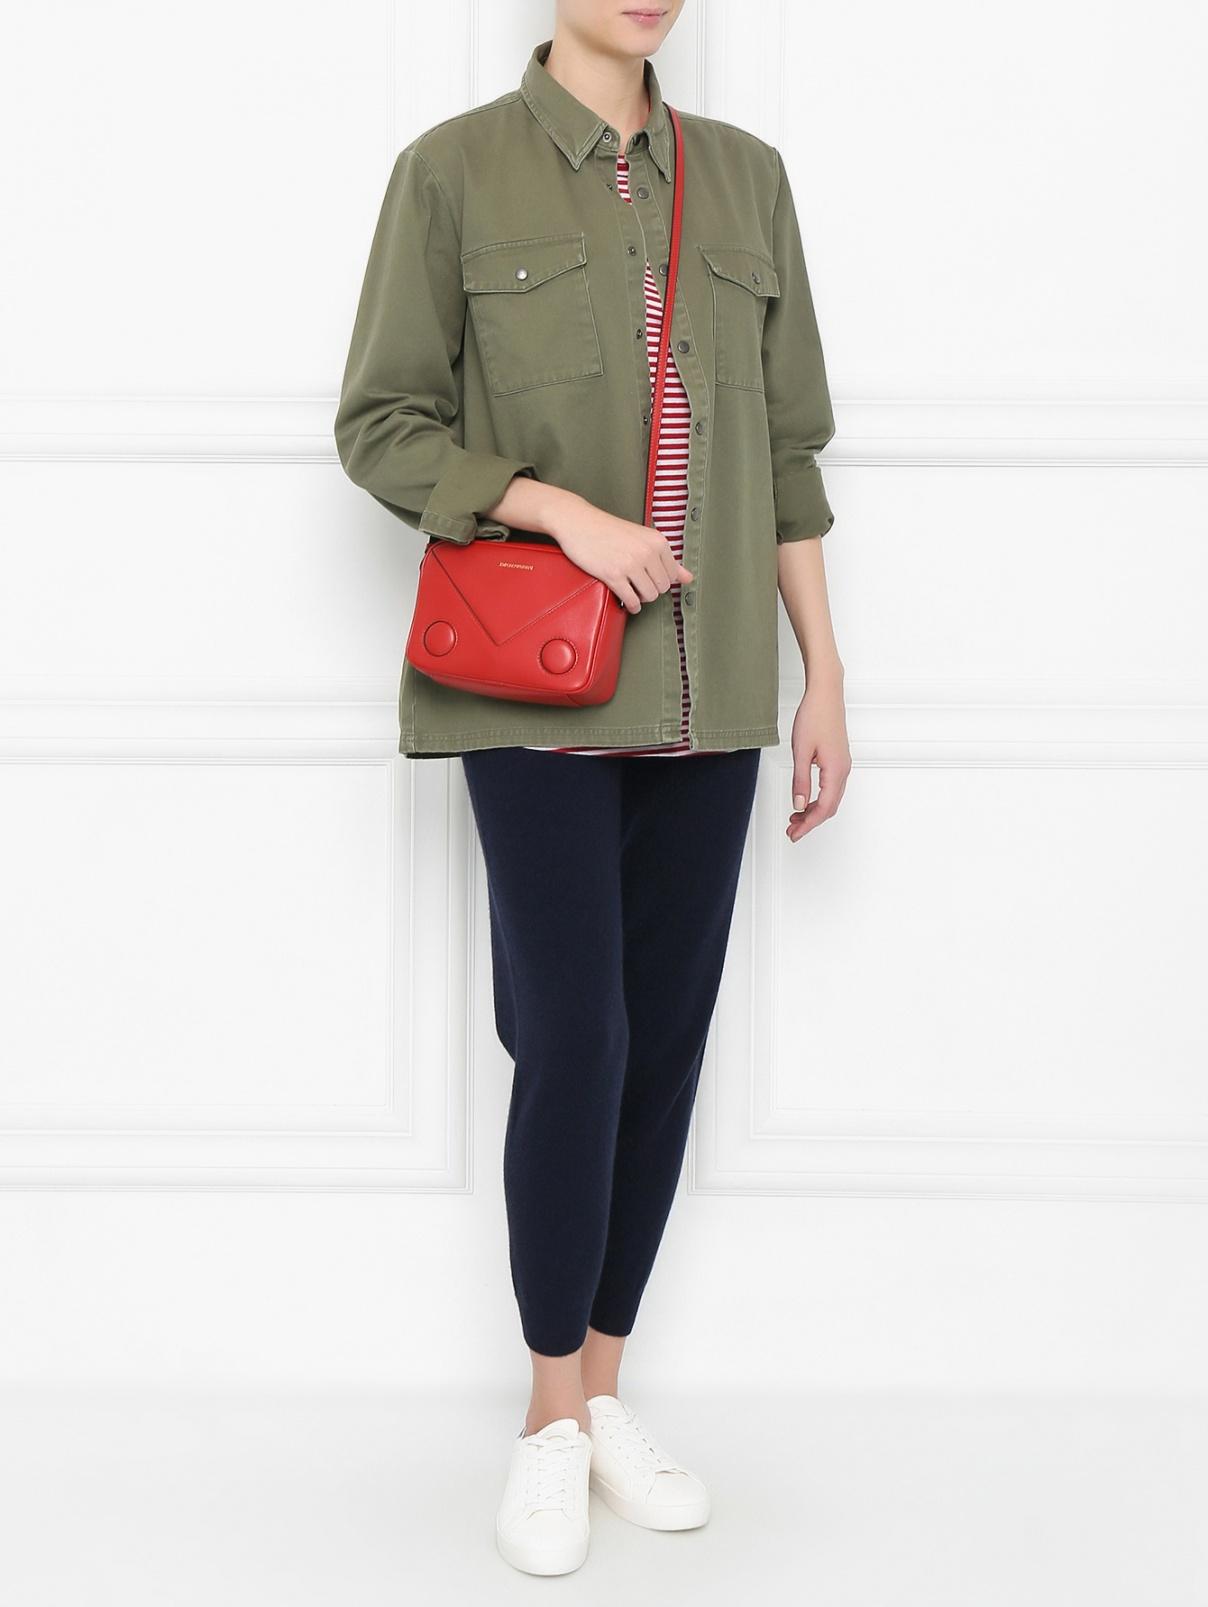 Рубашка из хлопка с принтом на спине Zoe Karssen  –  Модель Общий вид  – Цвет:  Зеленый